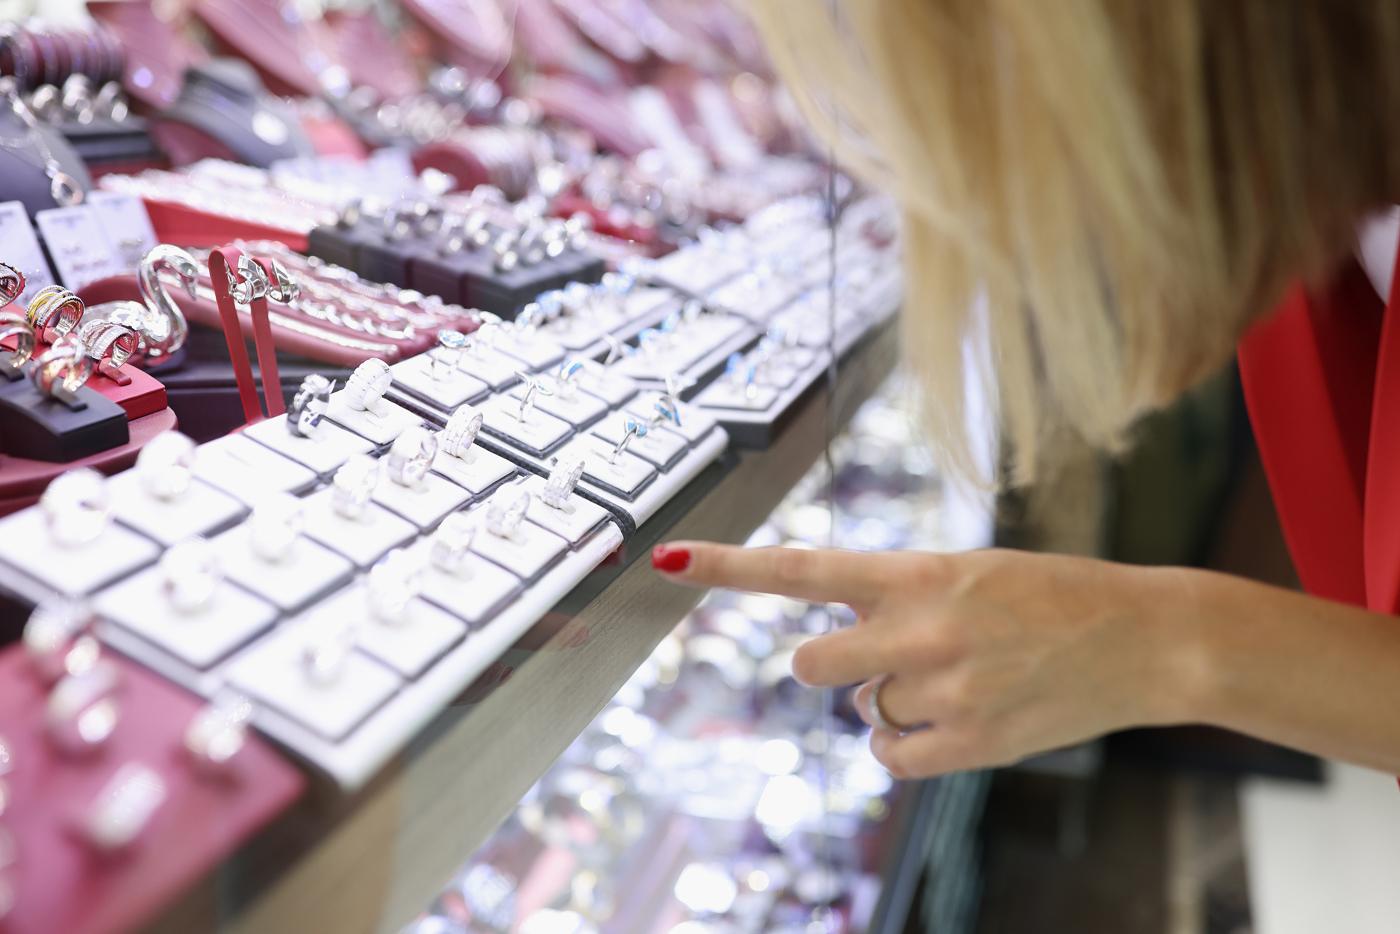 Jewelry stocks, Jewelry manufacturer stocks, Jewelry store stocks